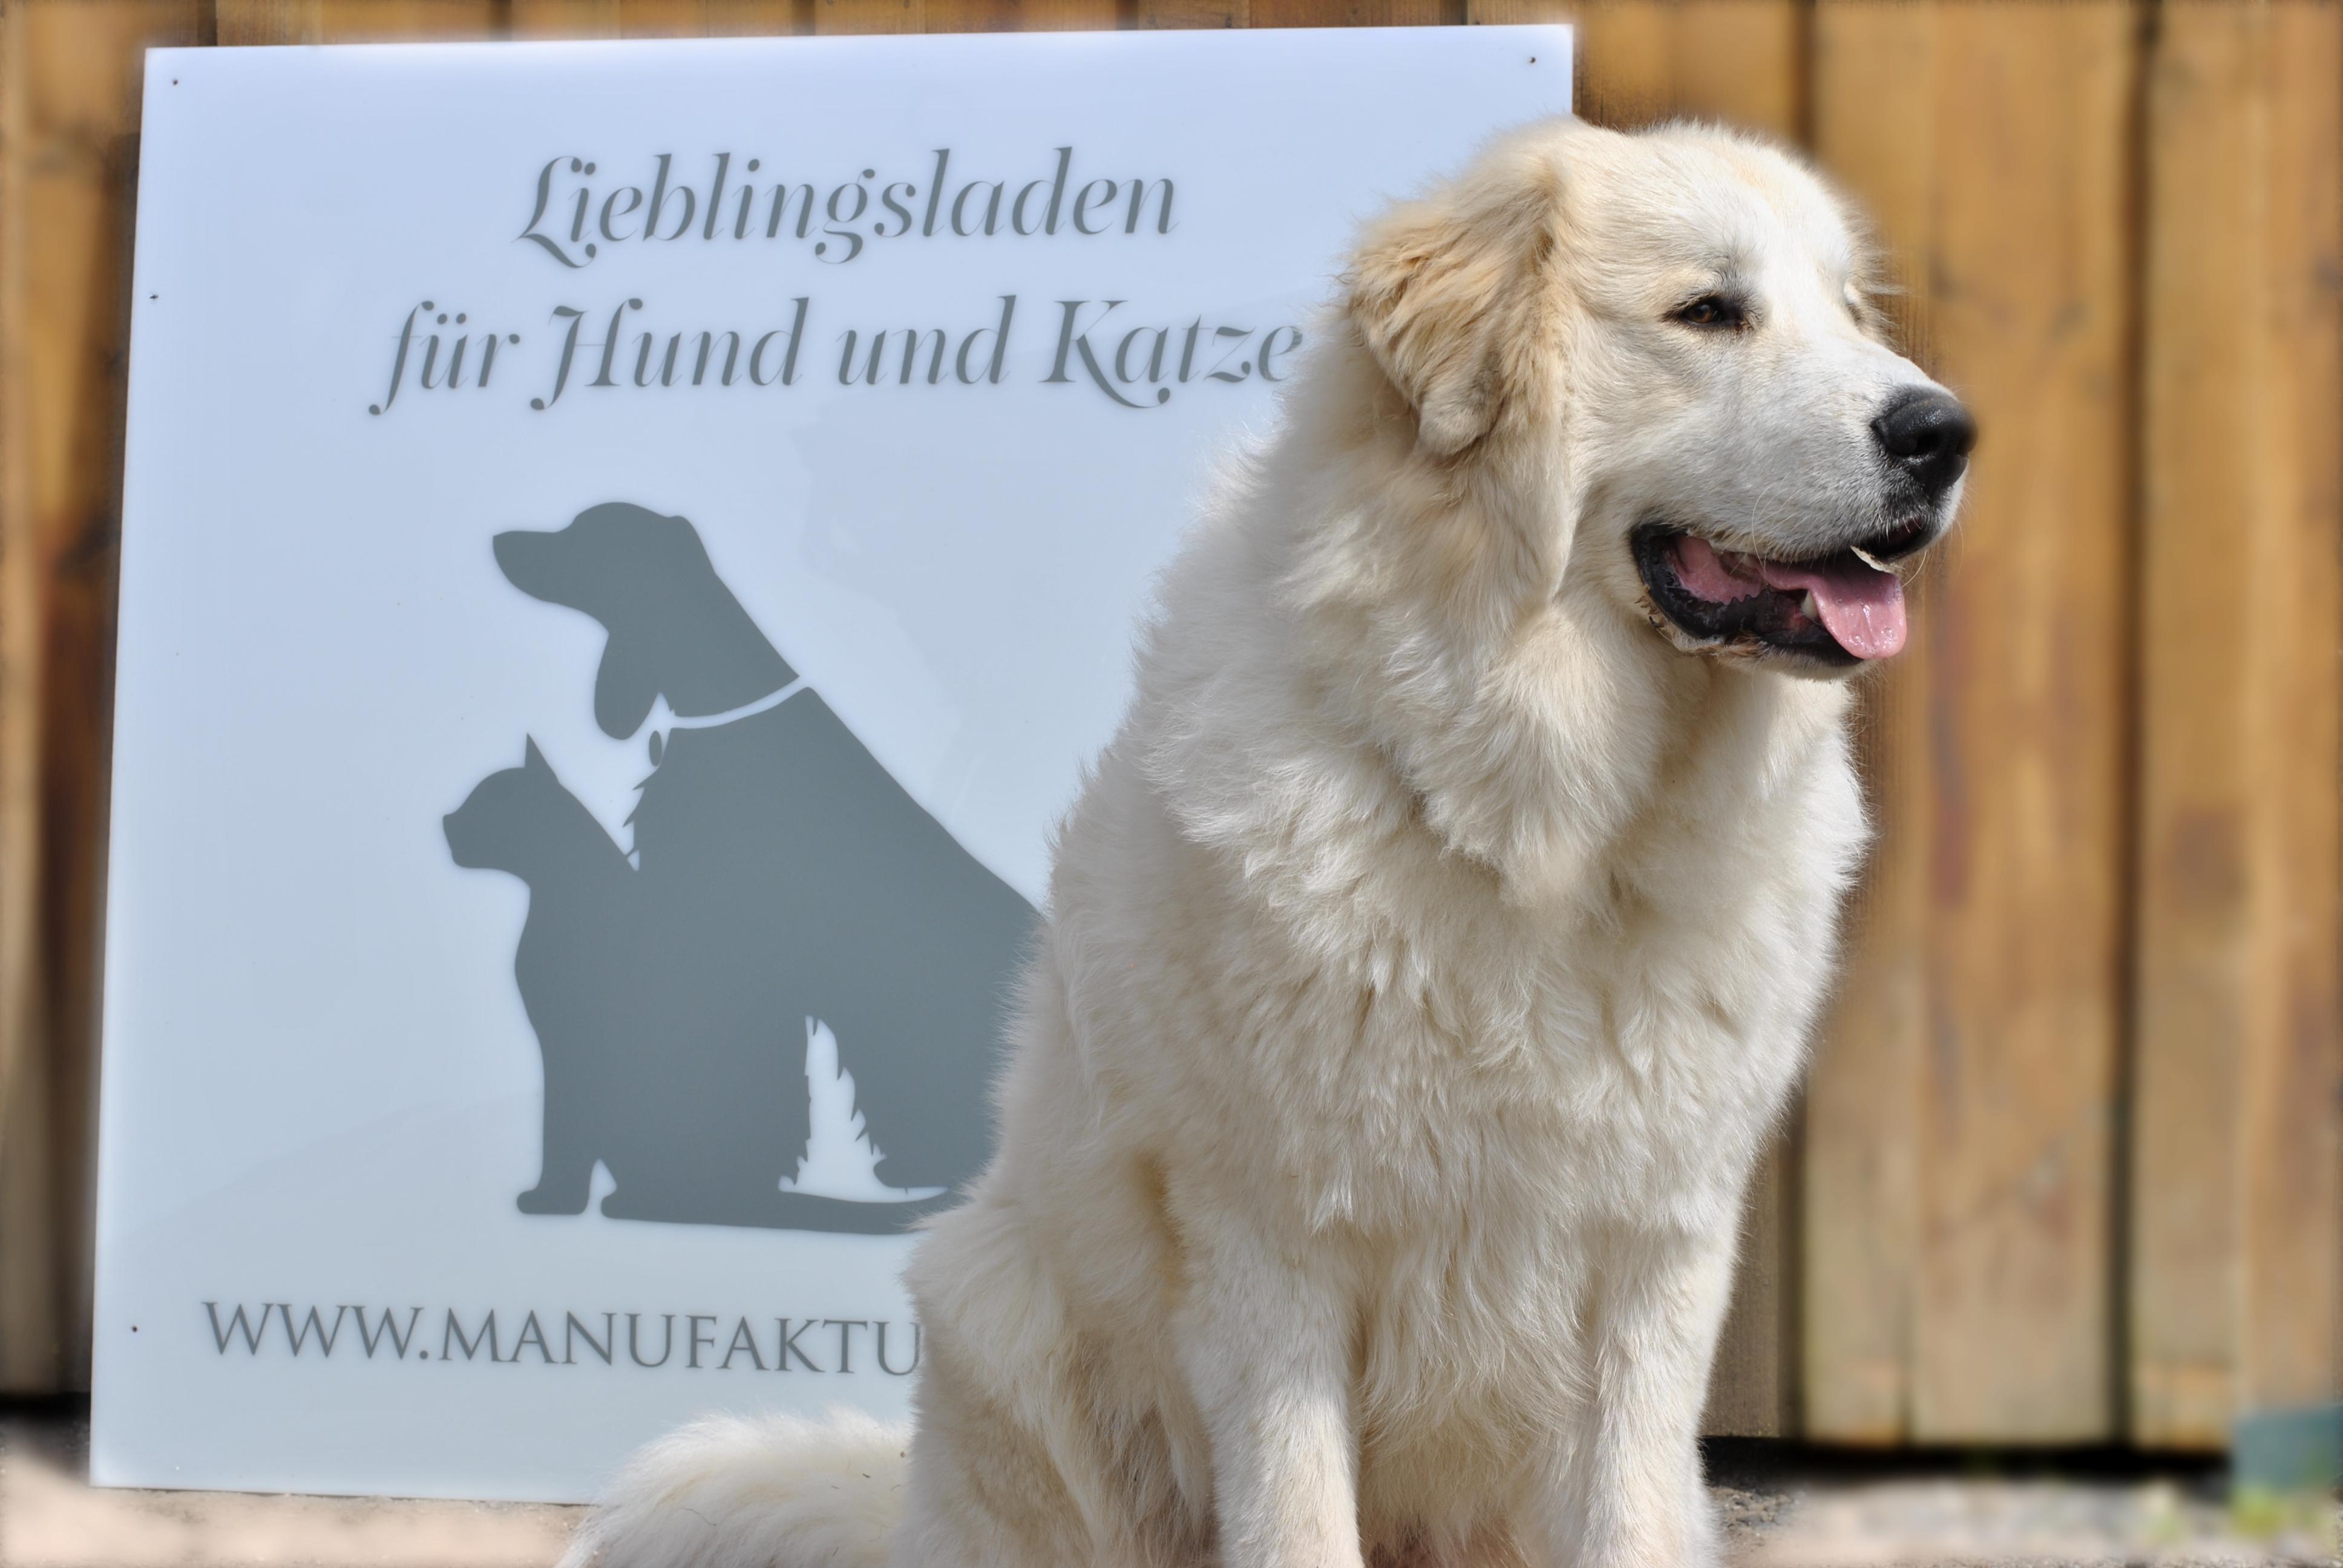 Shop für Hundezubehoer